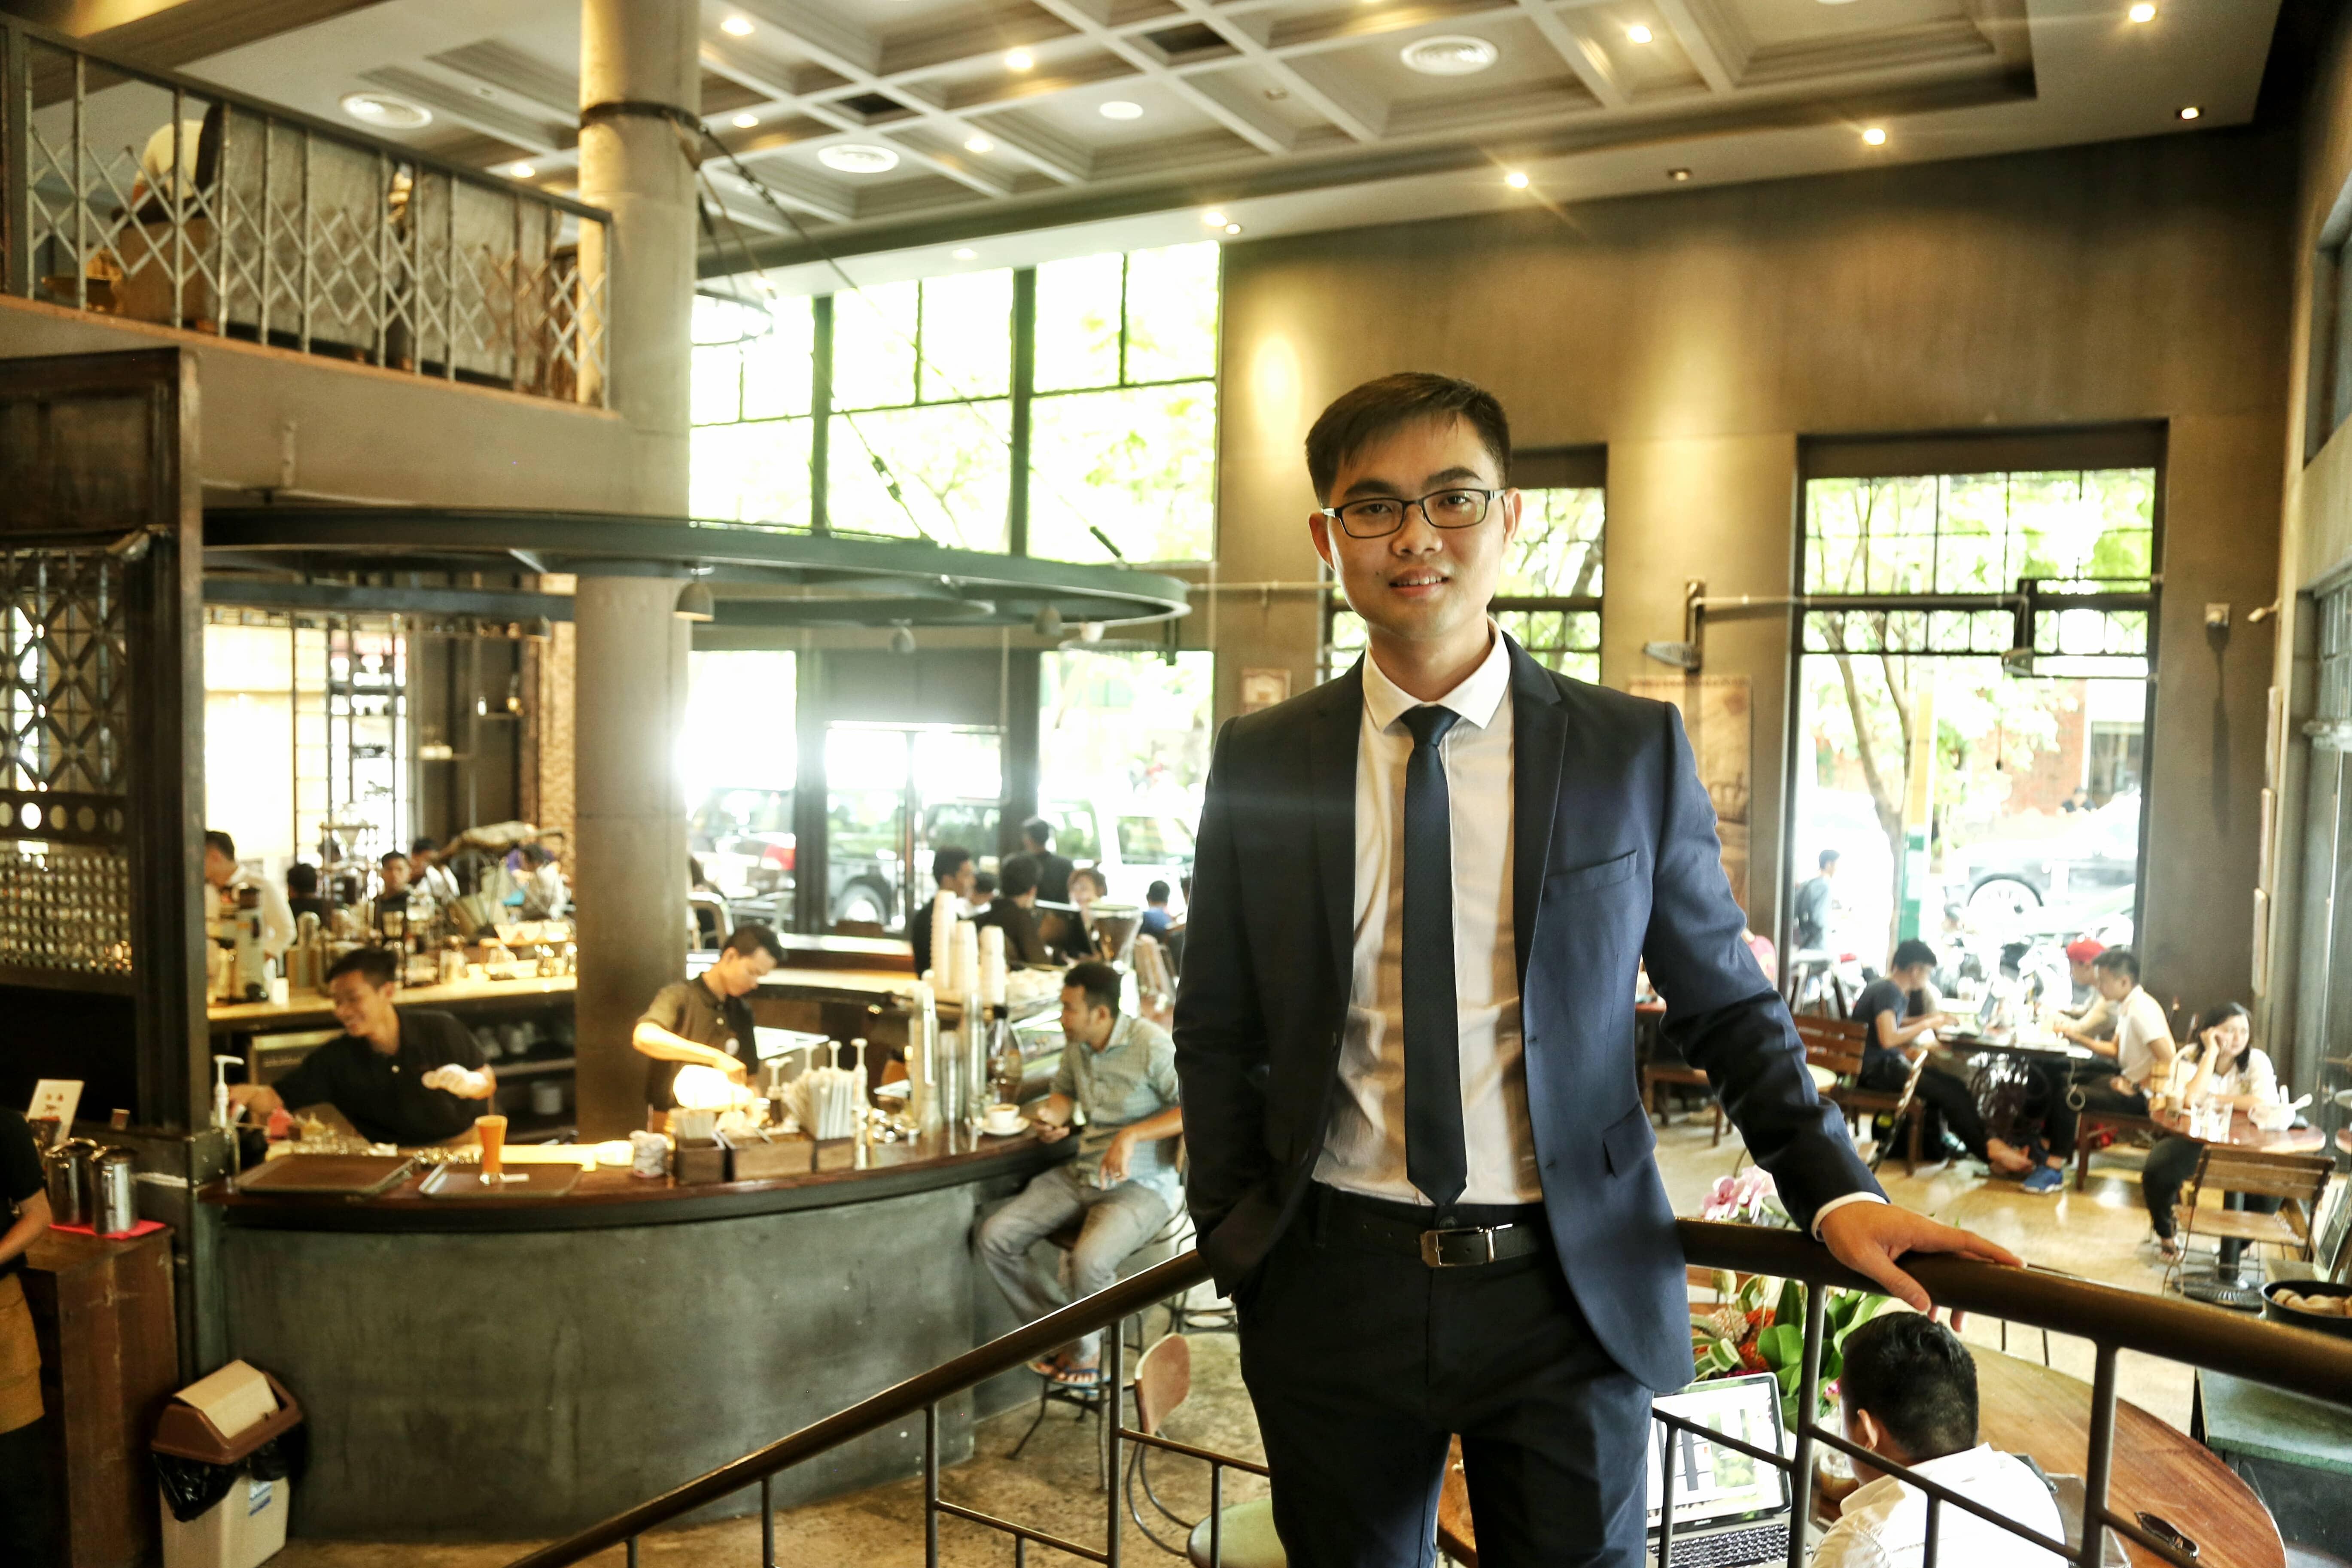 従兄弟6人で起業。カンボジア発コーヒーチェーン『BROWN』【CEO・チャン・ブンレアン氏インタビュー】